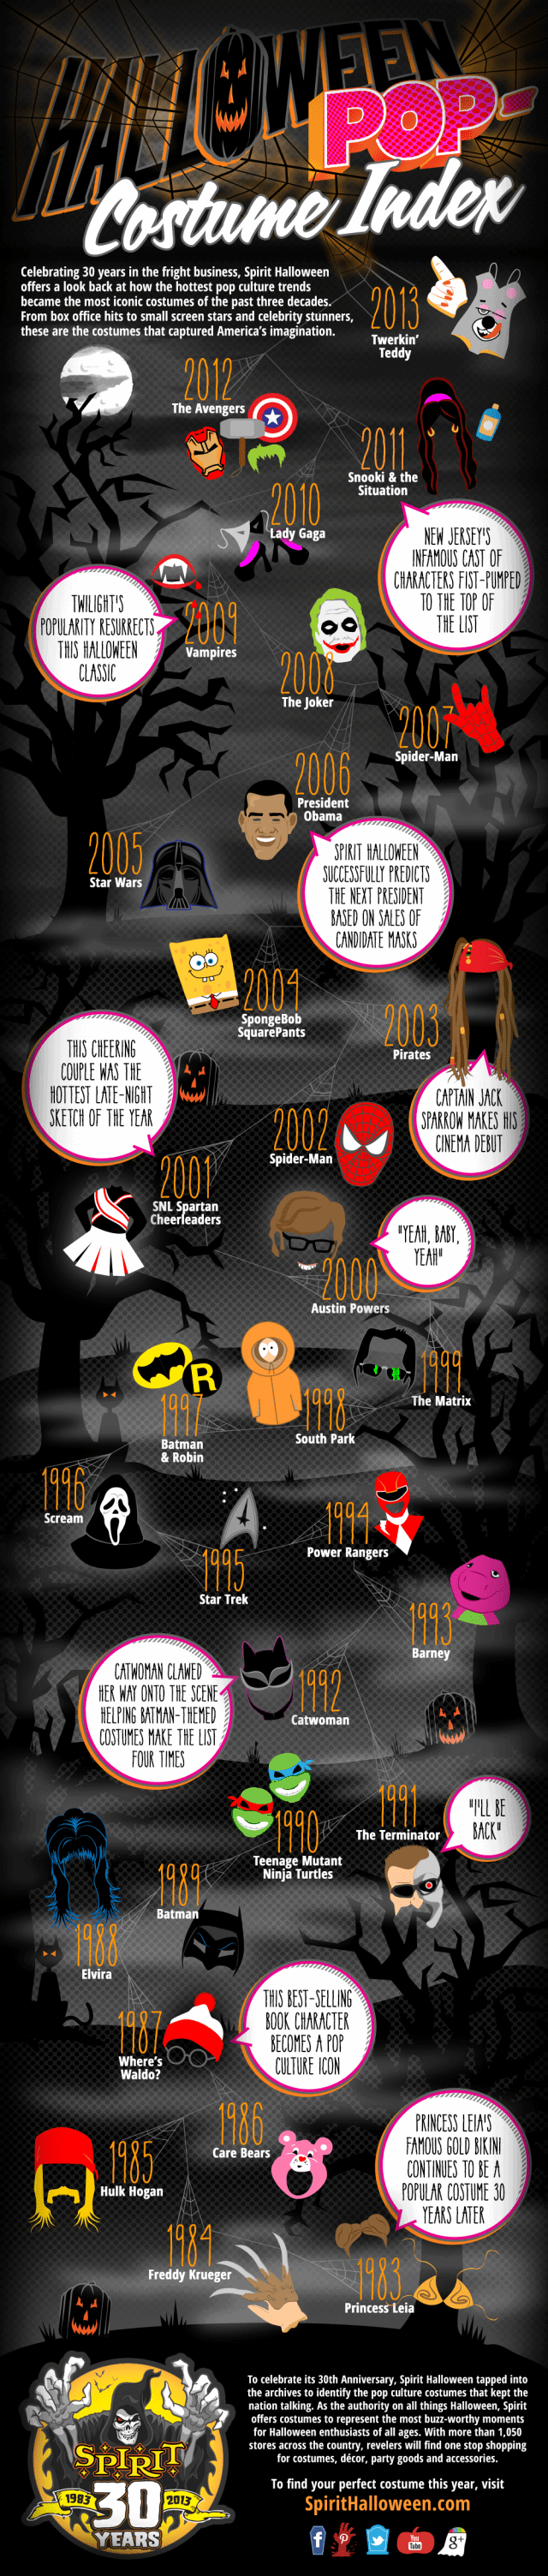 Halloween Pop Costume Index